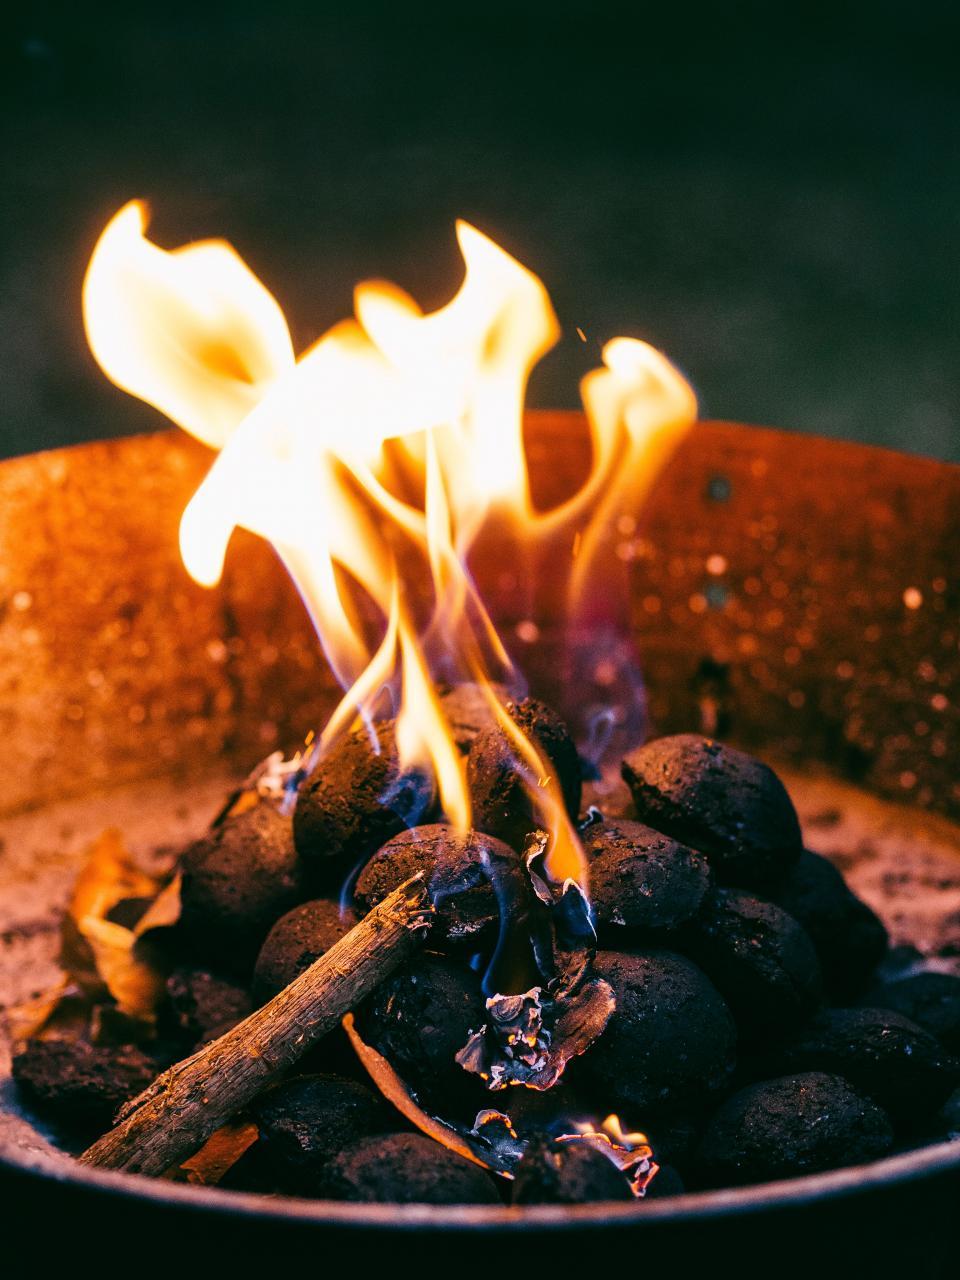 fire, flames, camping, barbecue, bbq, coals